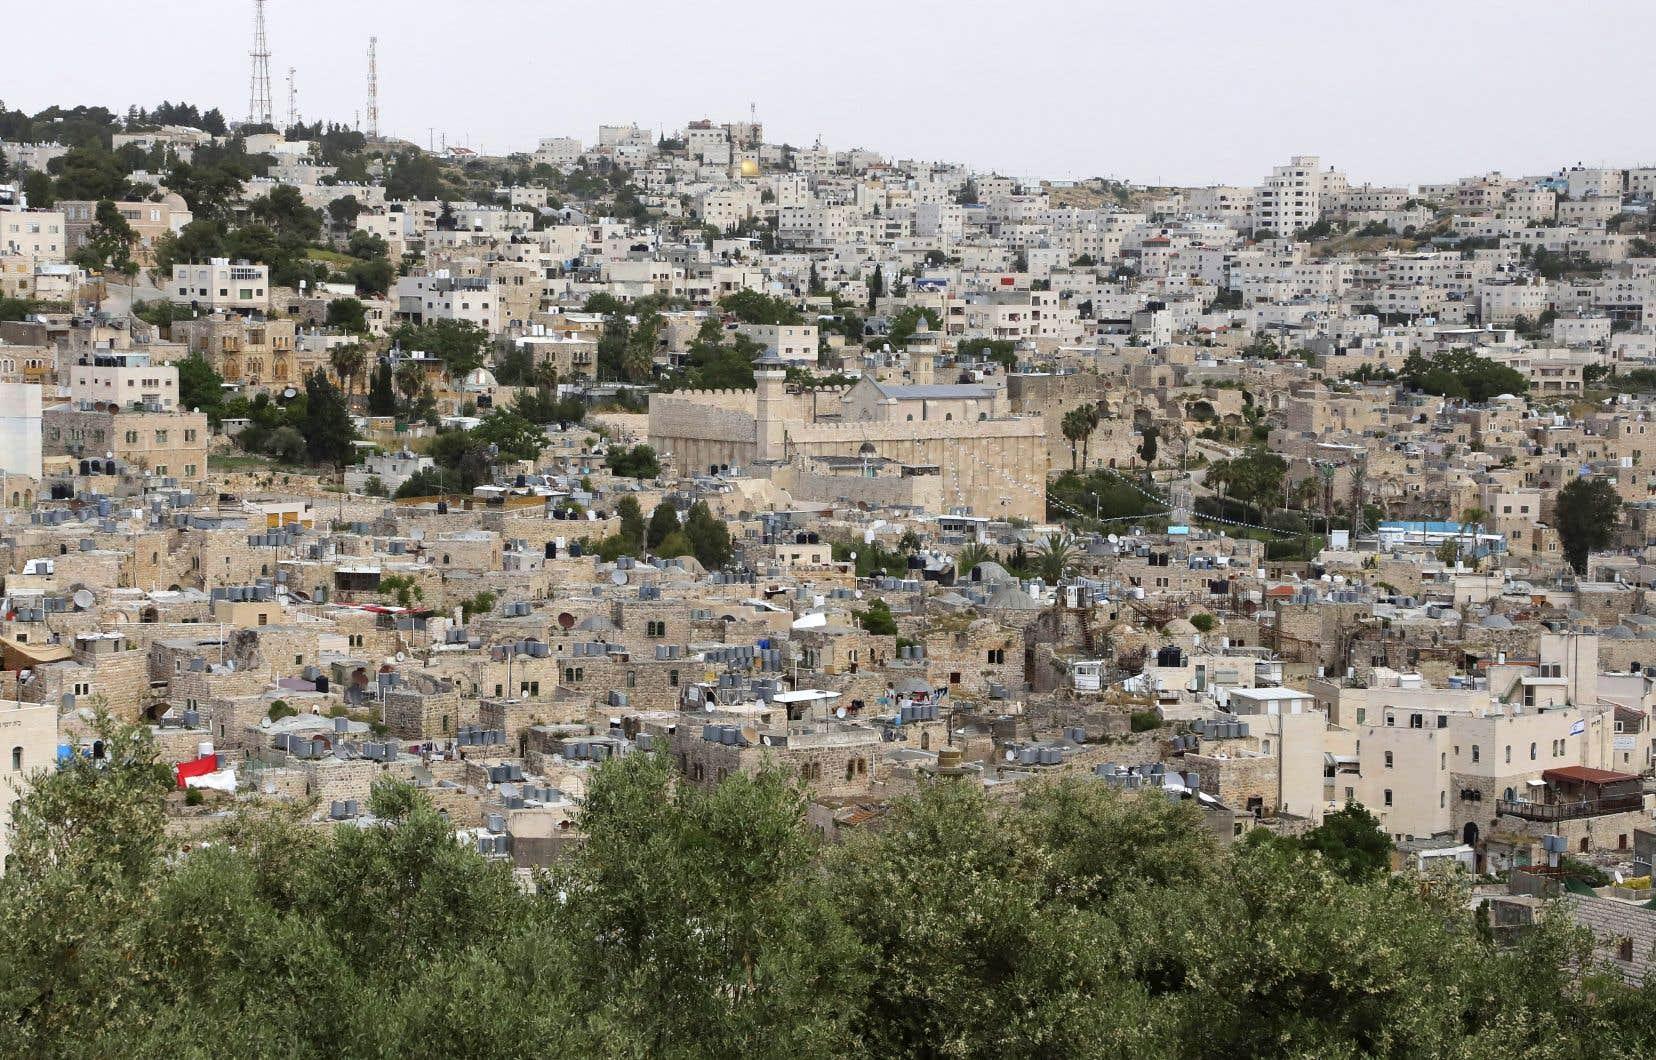 Israël souhaite annexer certains territoires occupés cisjordaniens. Sur la photo, la ville d'Hebron, en Cisjordanie